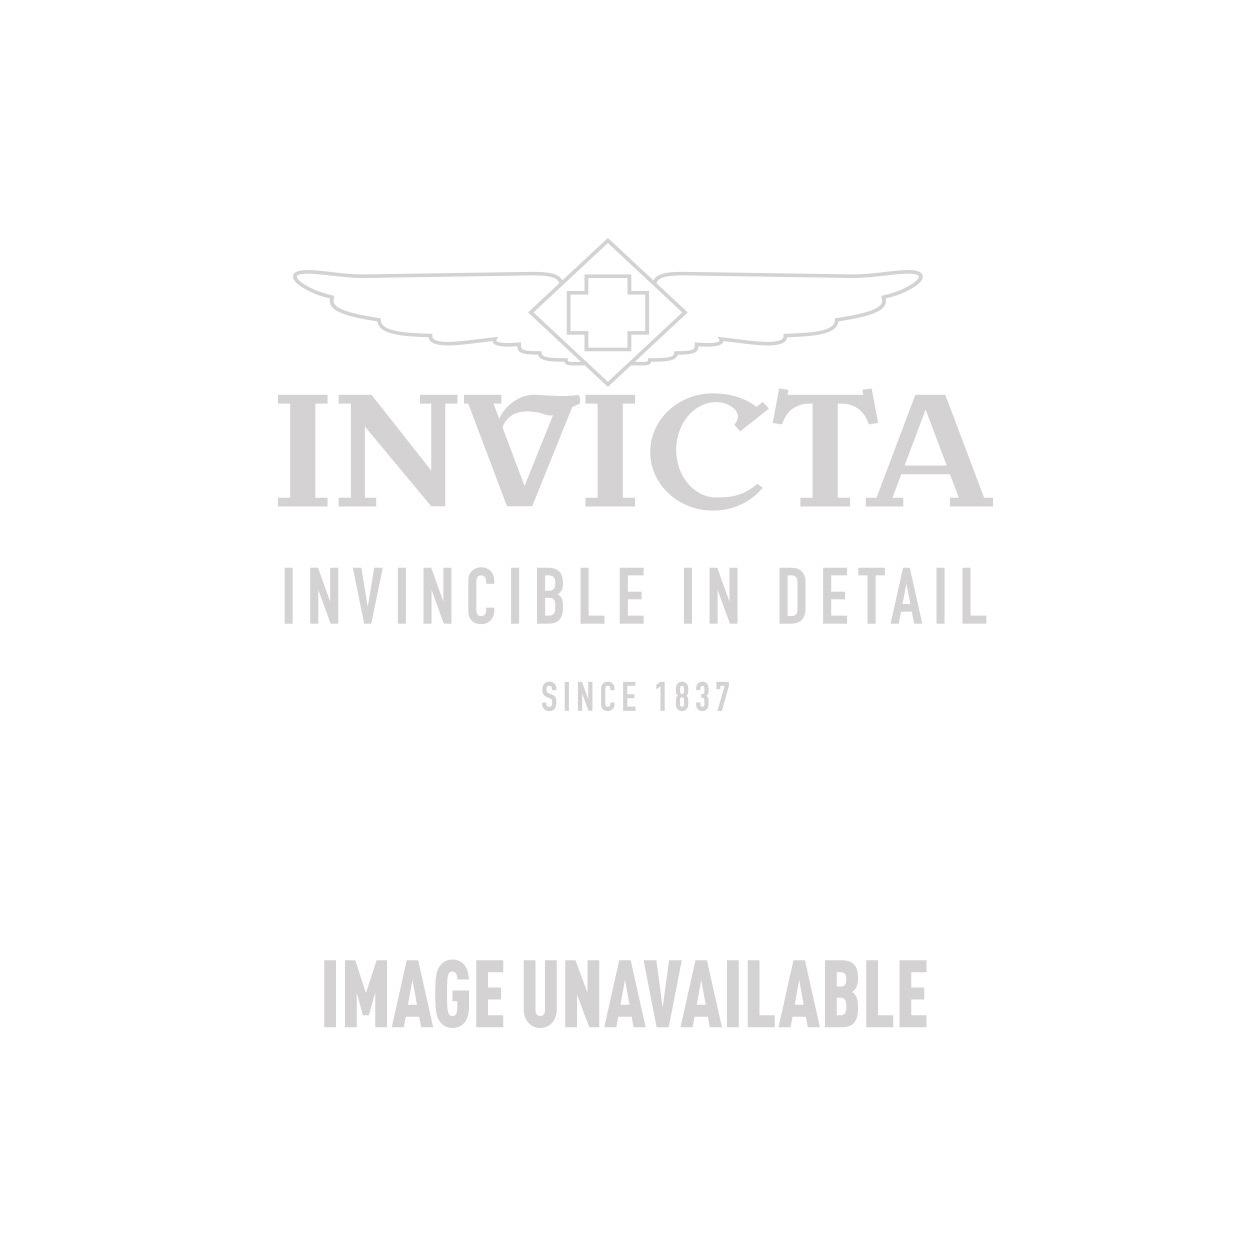 Invicta Model 23910